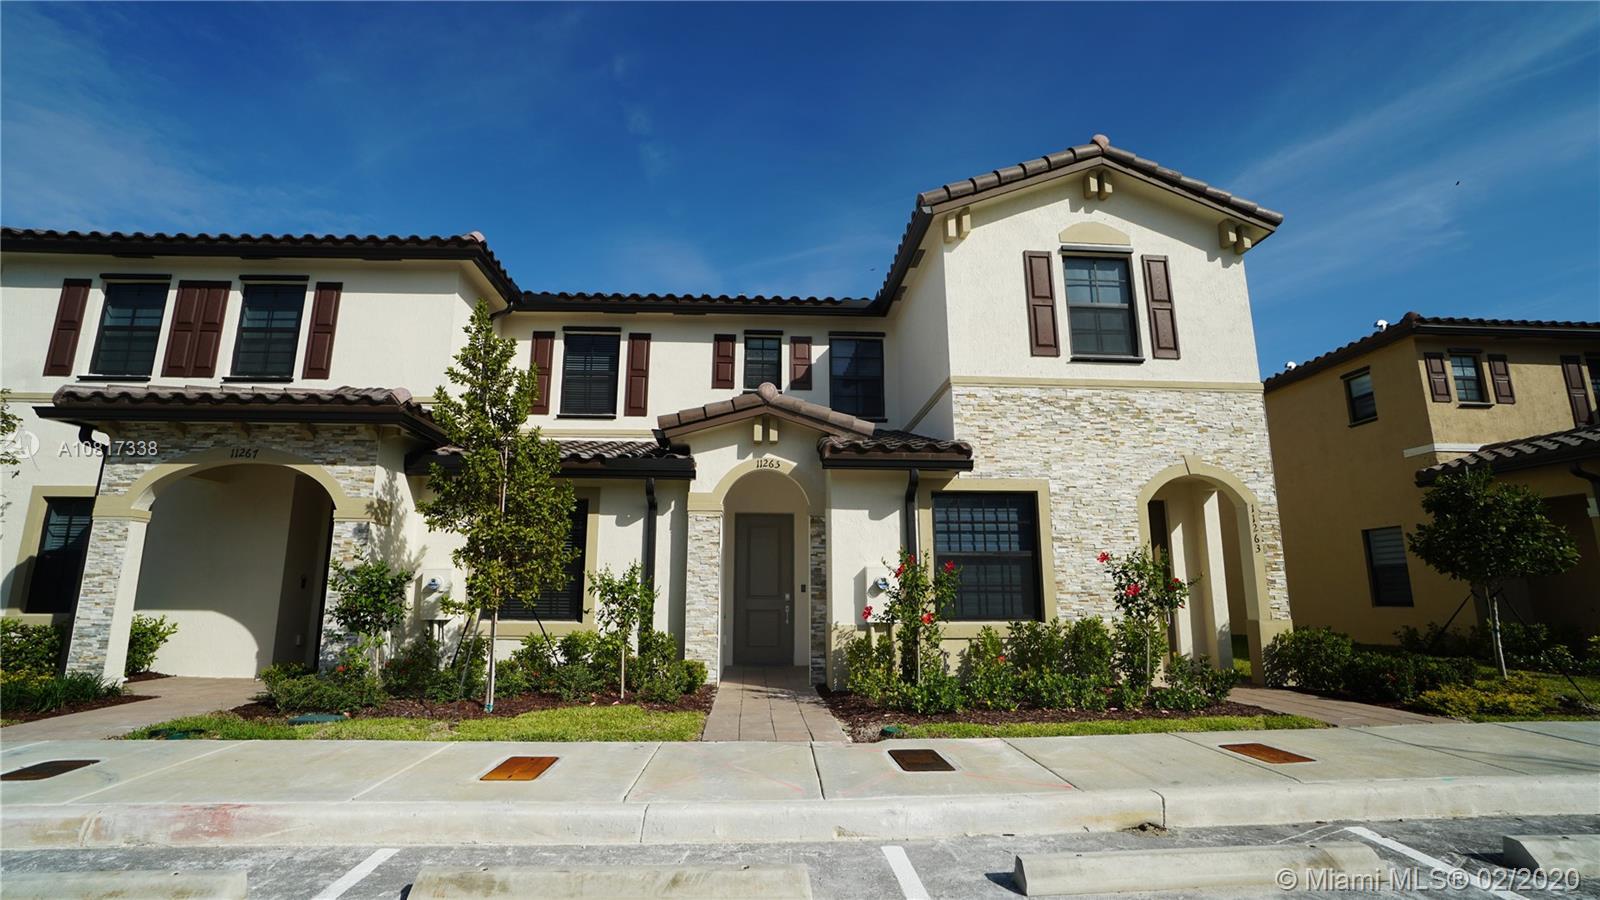 11265 SW 249th St, Miami, FL 33032 - Miami, FL real estate listing